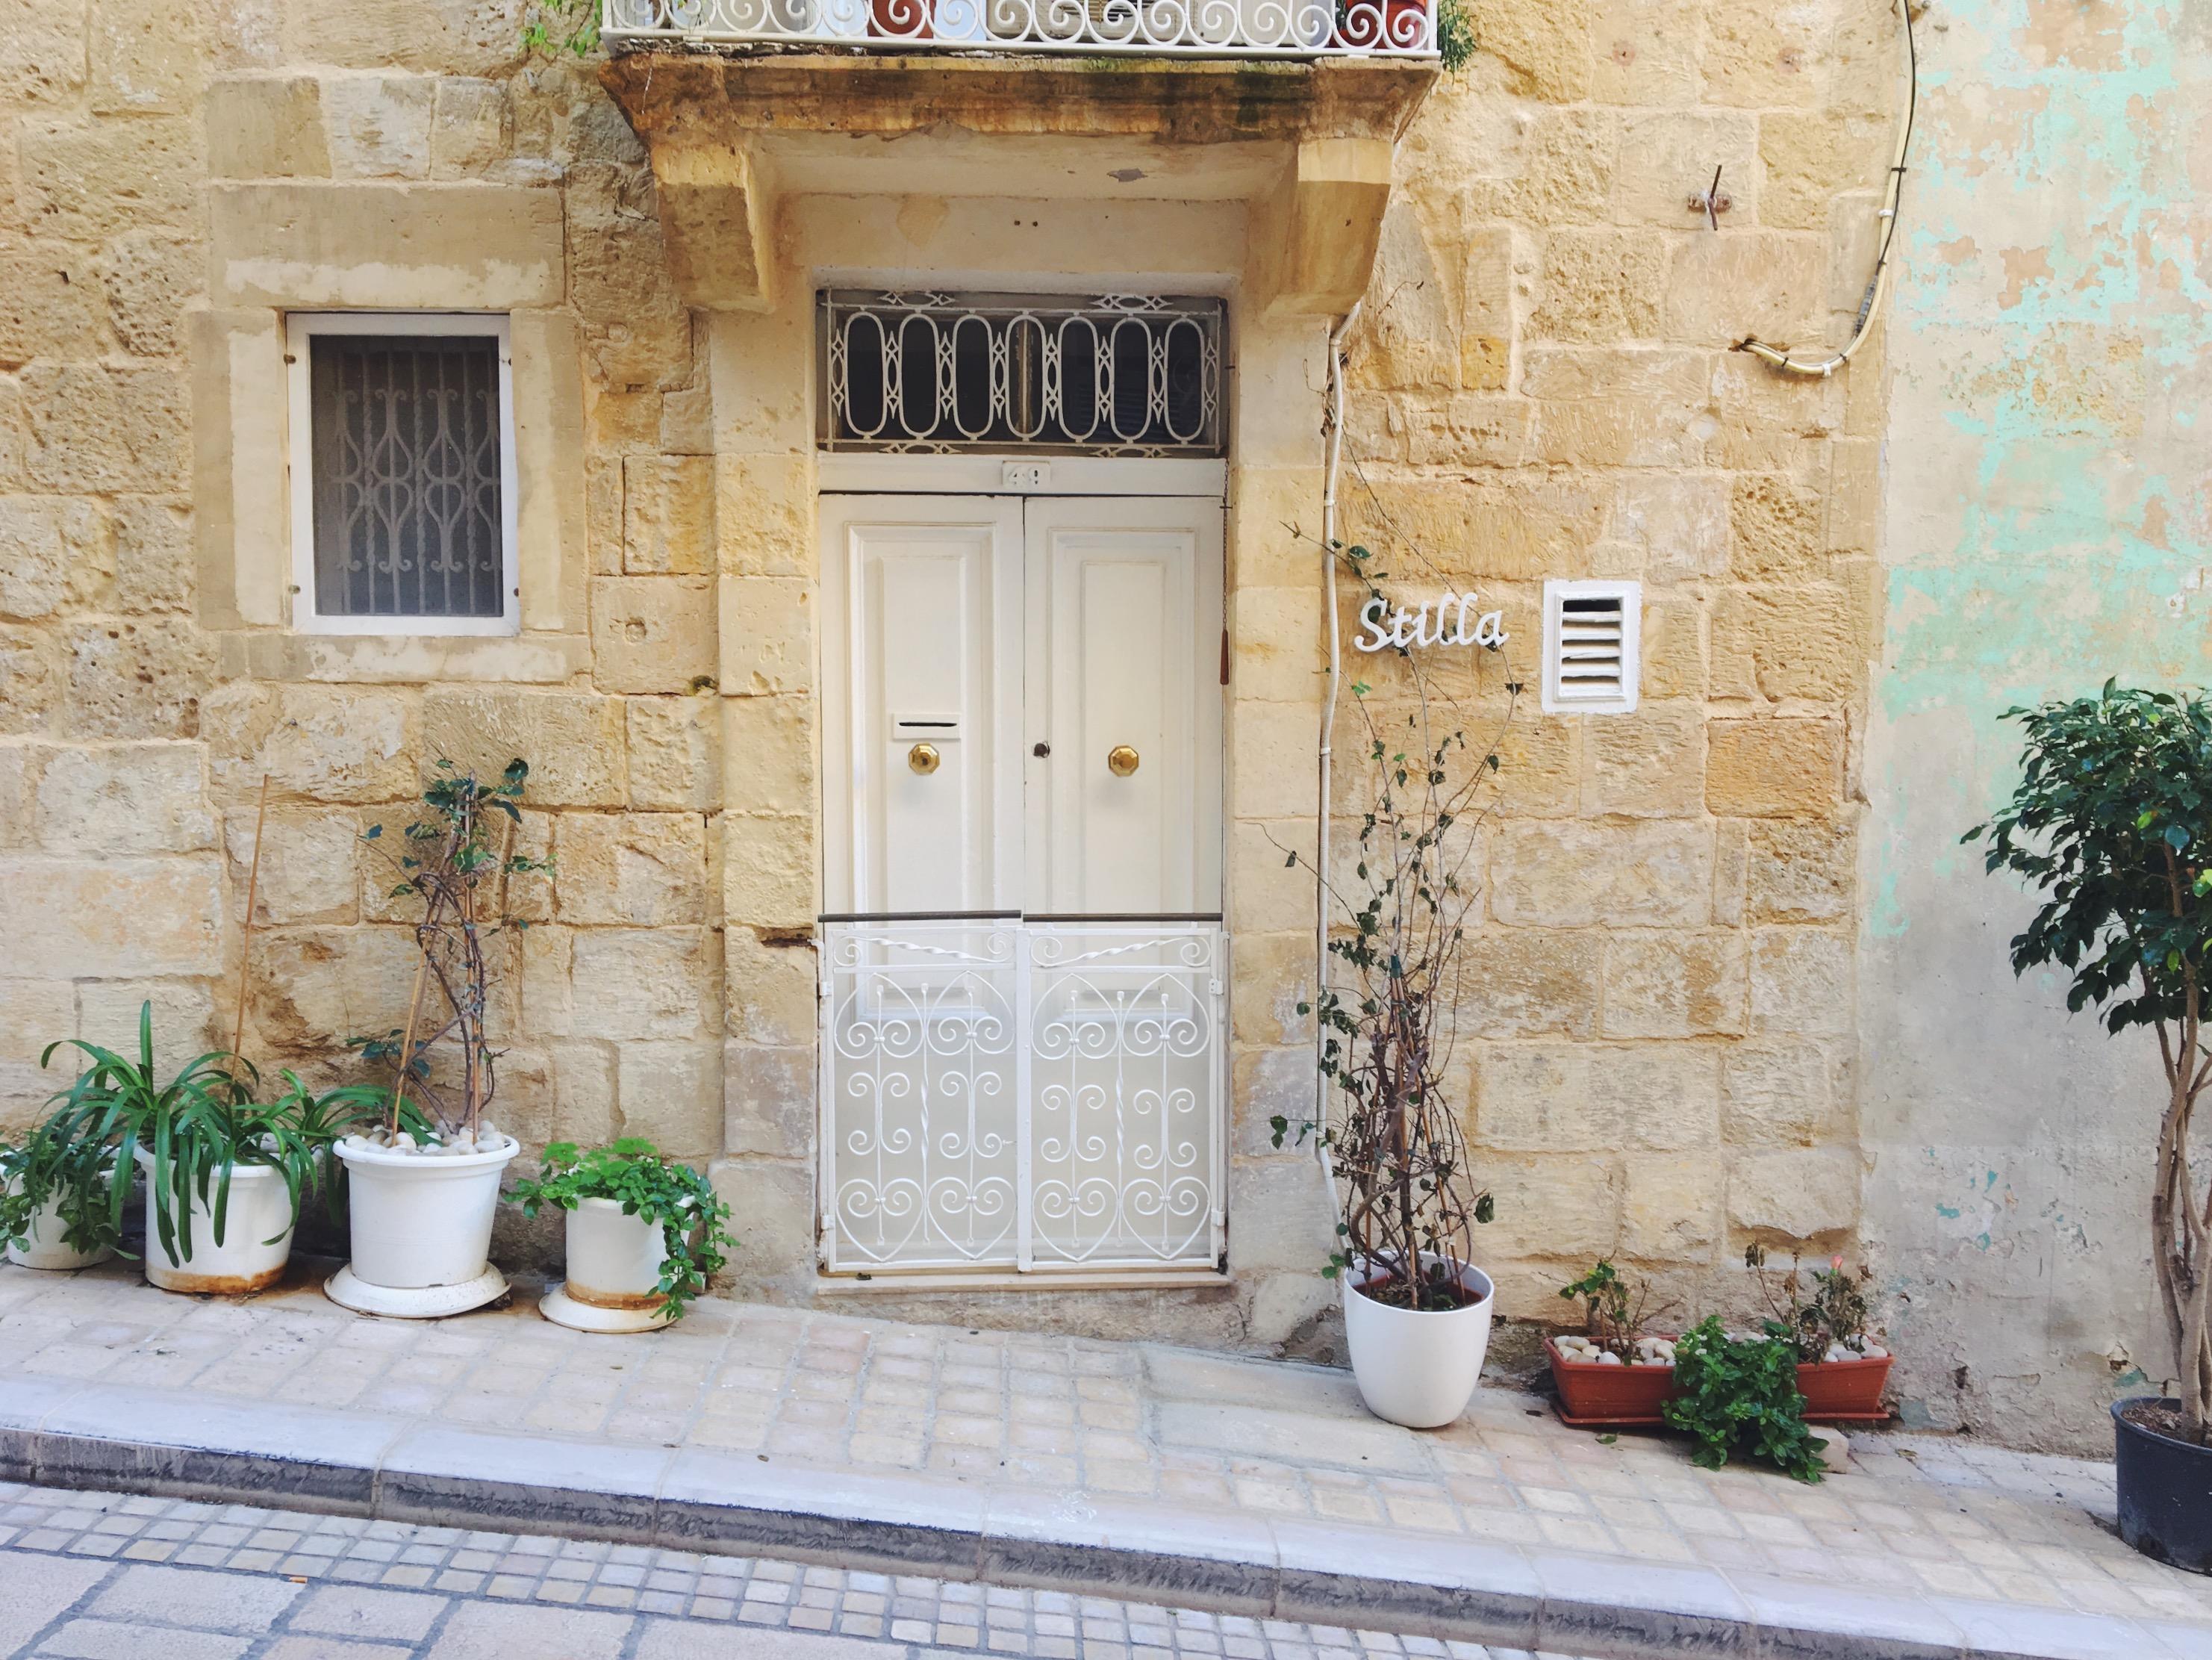 Dettagli bellissimi tra le vie di Vittoriosa a Malta